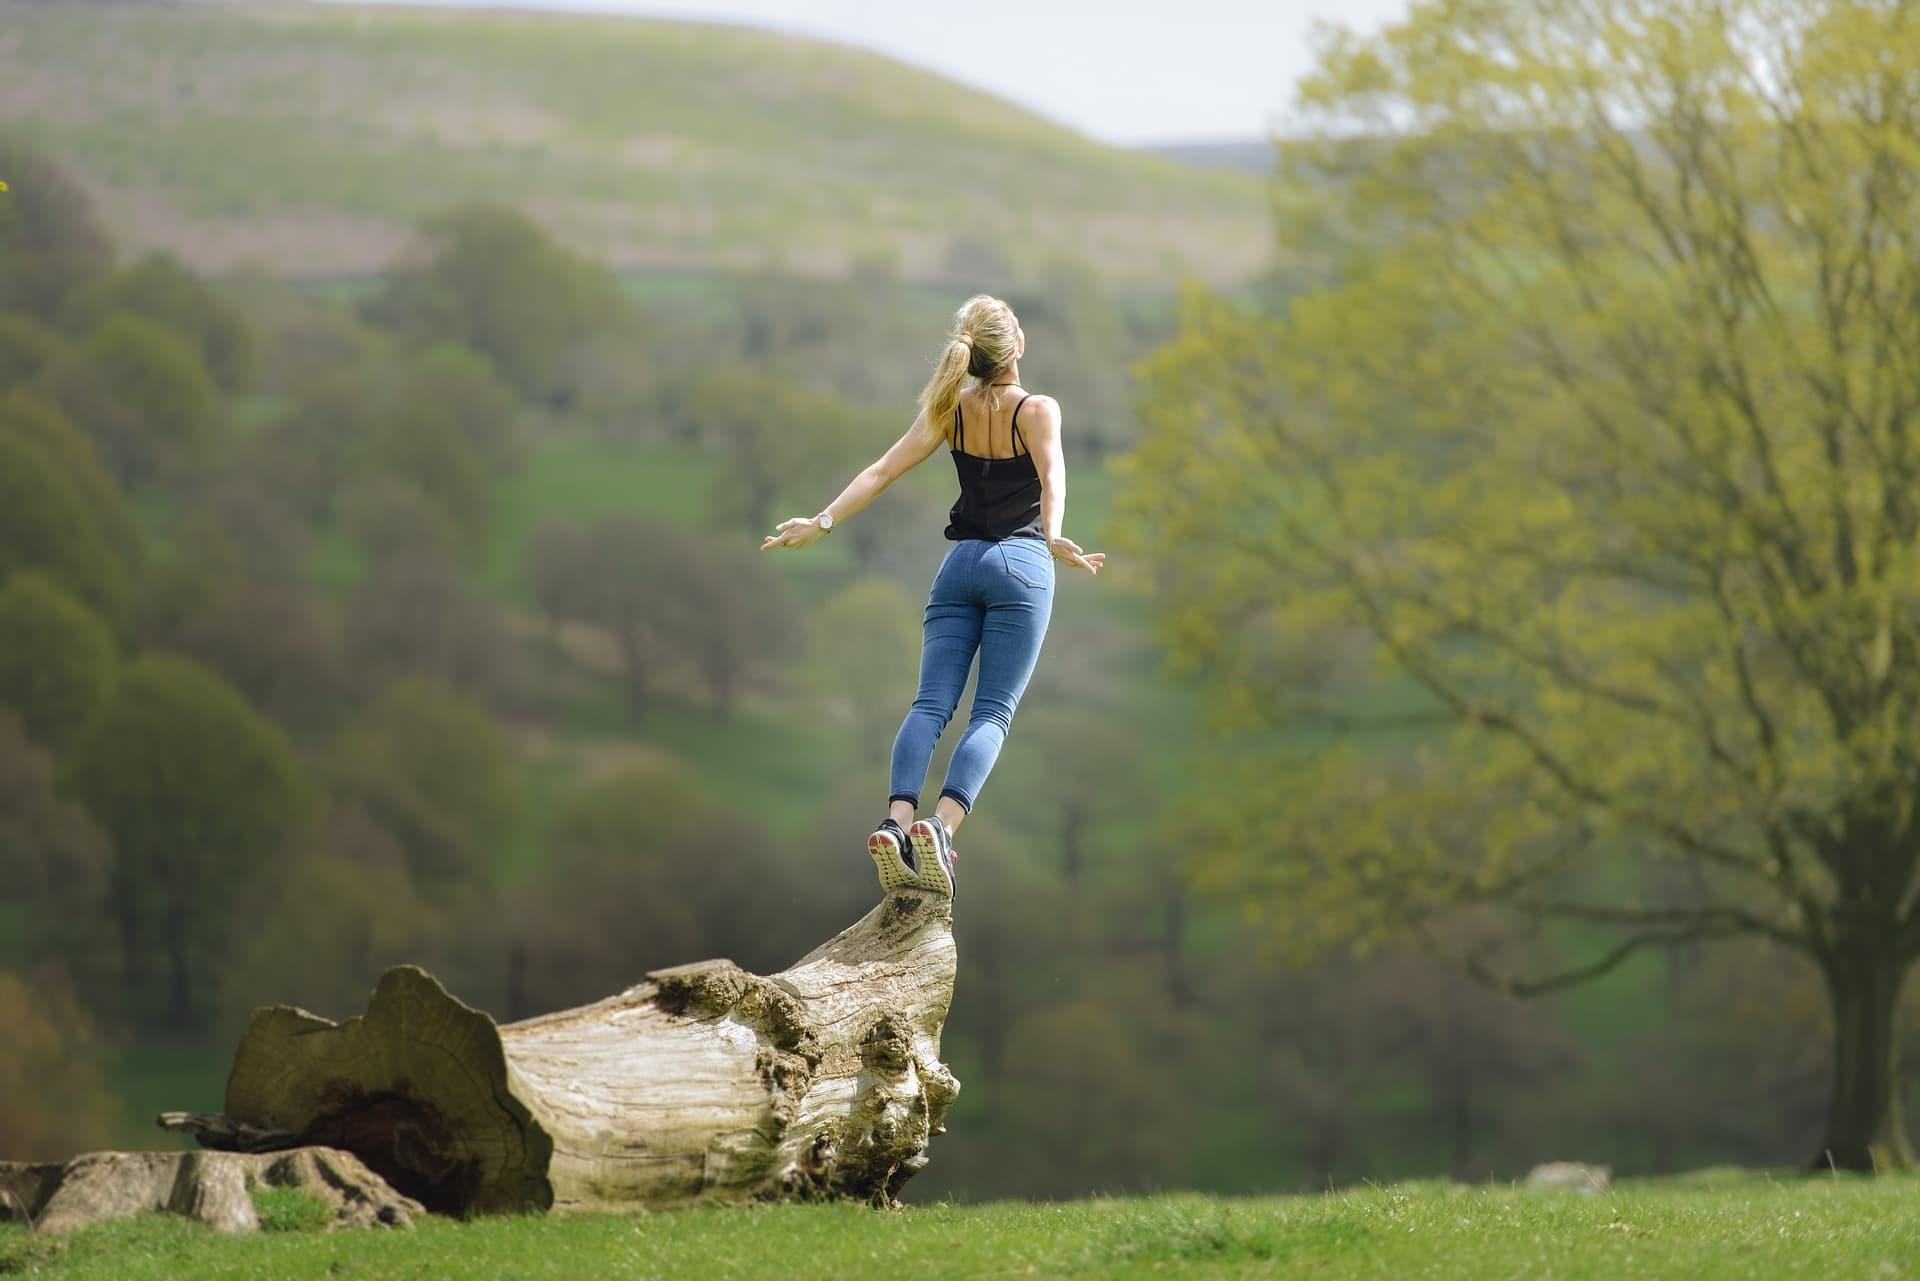 Frau am Meditieren in der Natur. Ein Kurs zeigt dir die verschiedenen Möglichkeiten auf.